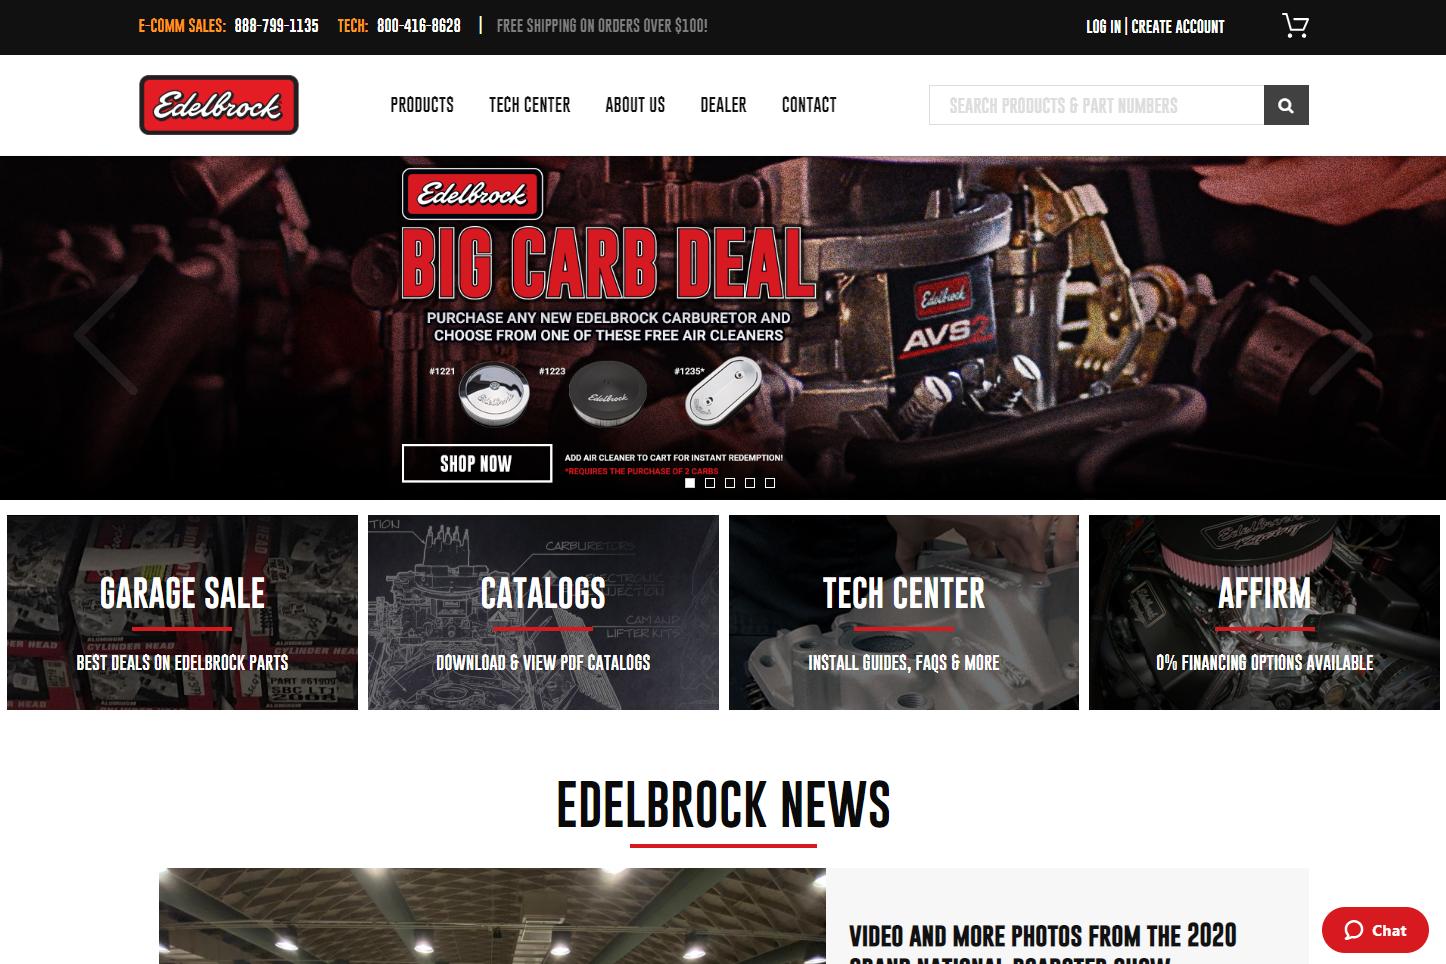 edelbrock case study